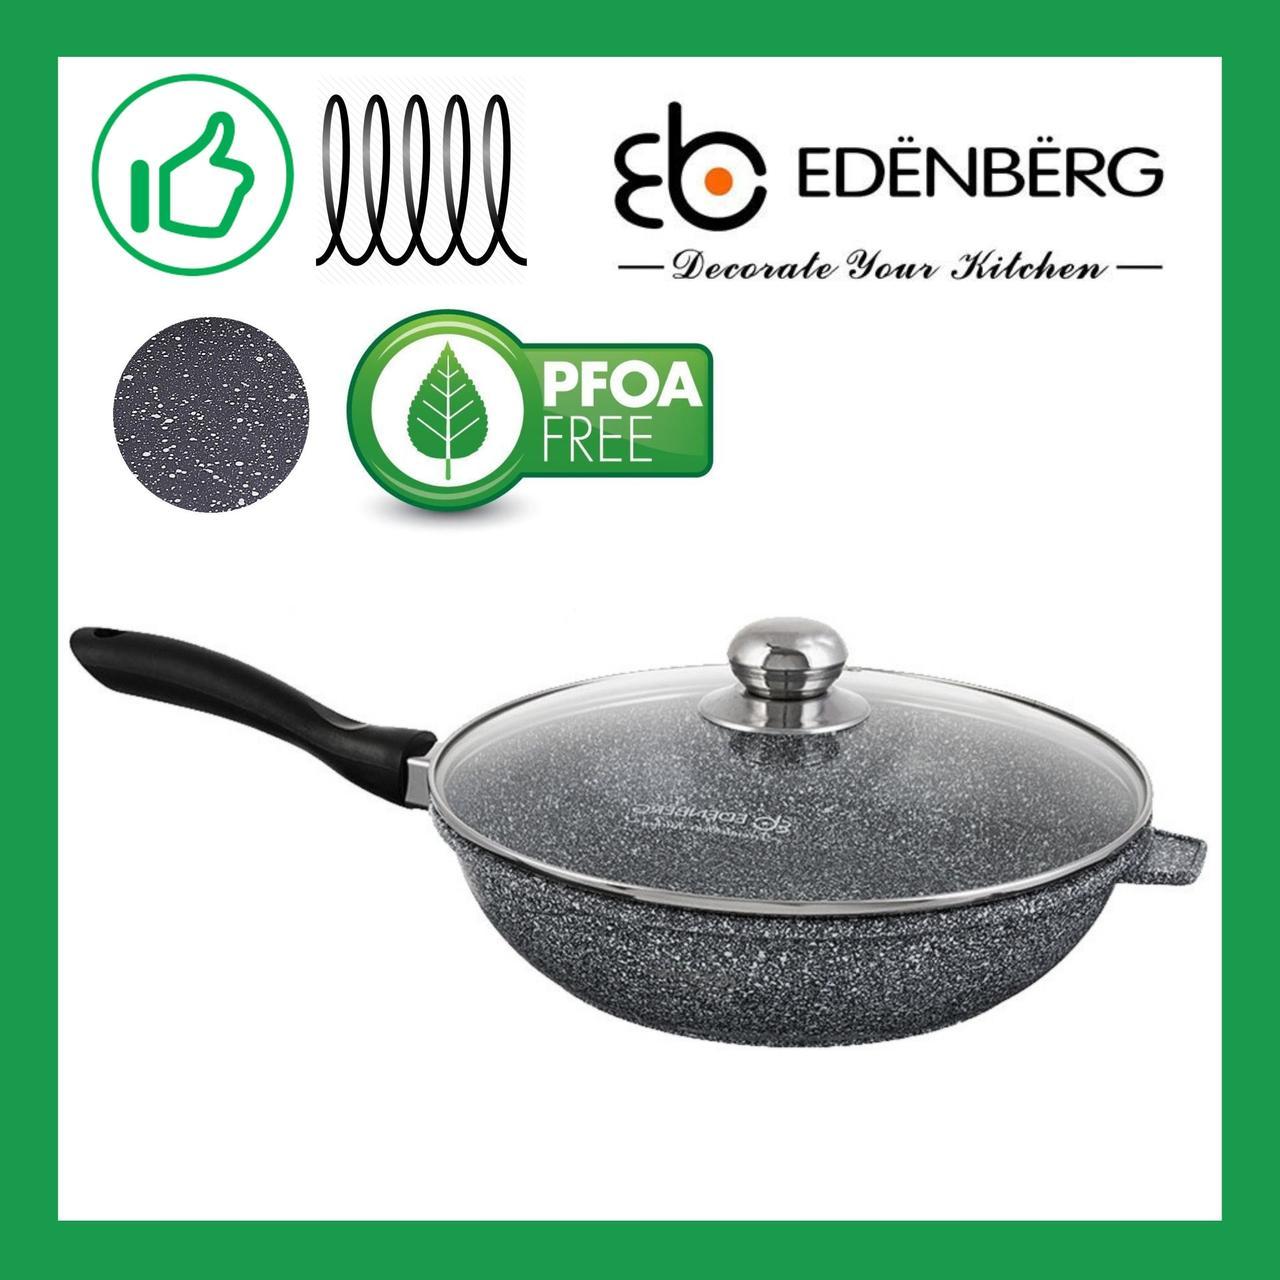 Сковорода Edenberg из литого алюминия с крышкой и мраморным антипригарным покрытием 28 см, 3.4 л (EB-8022)